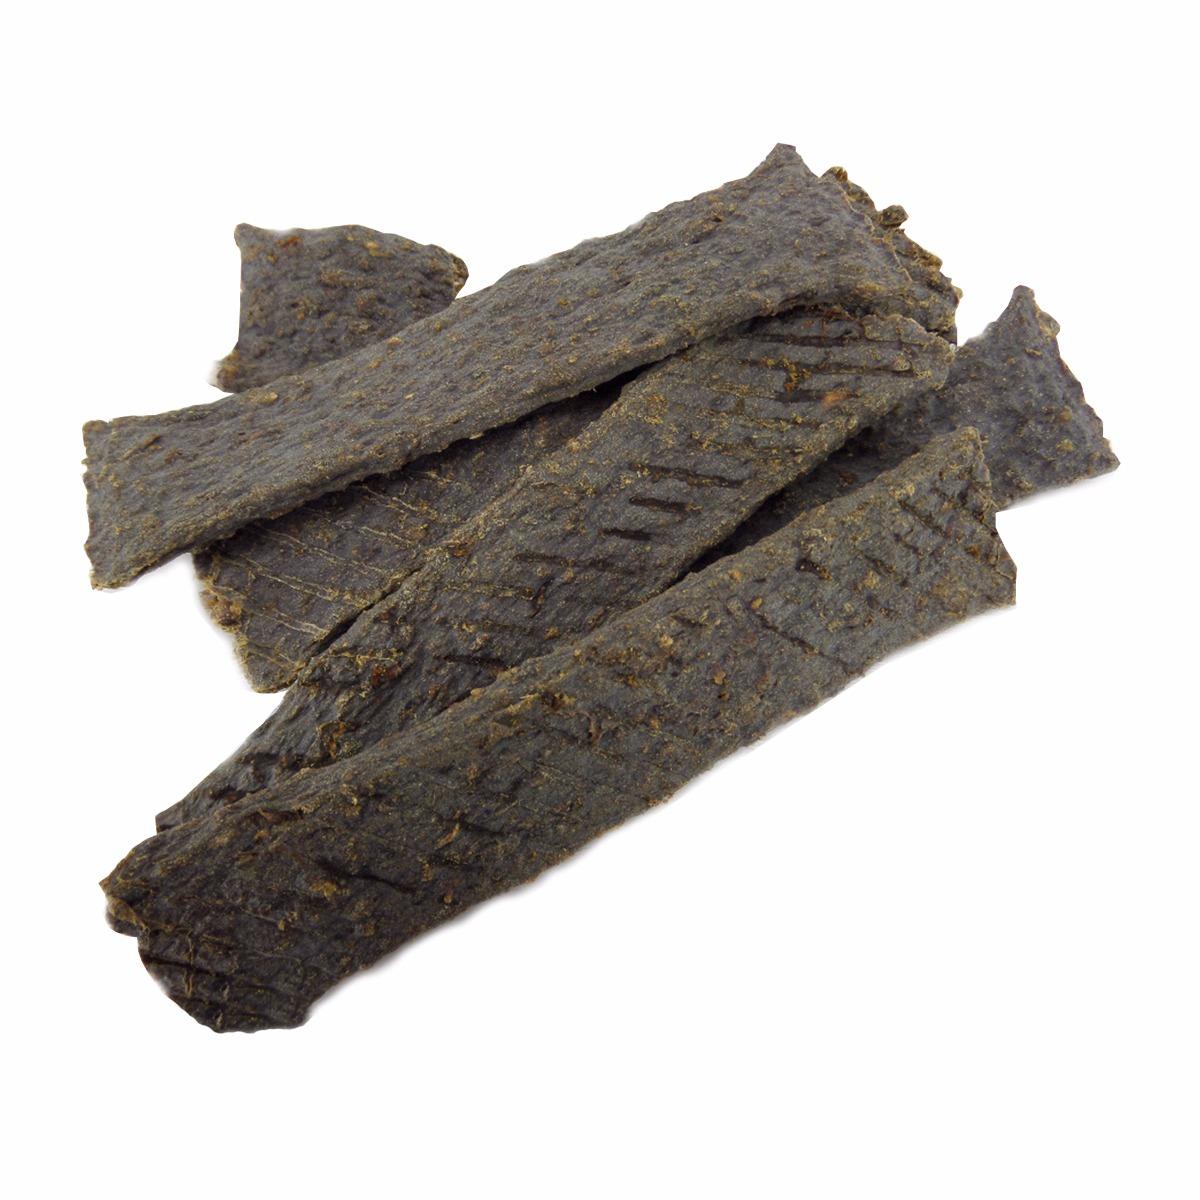 Deze vleesstrips van hertenvlees zijn een smakelijke snack voor elke hond. De hertenvleesstrips bevatten alleen 100% hertenvlees. De vleesstrips zijn eenvoudig in kleinere stukken te breken waardoor ze naast als kauwsnack ook als beloningssnoepjes kunnen worden gebruikt.  Hondensnack van hertenvlees Geen geur- kleur- smaakstoffen Graanvrij; 100% hertenvlees  Inhoud: 100 gram